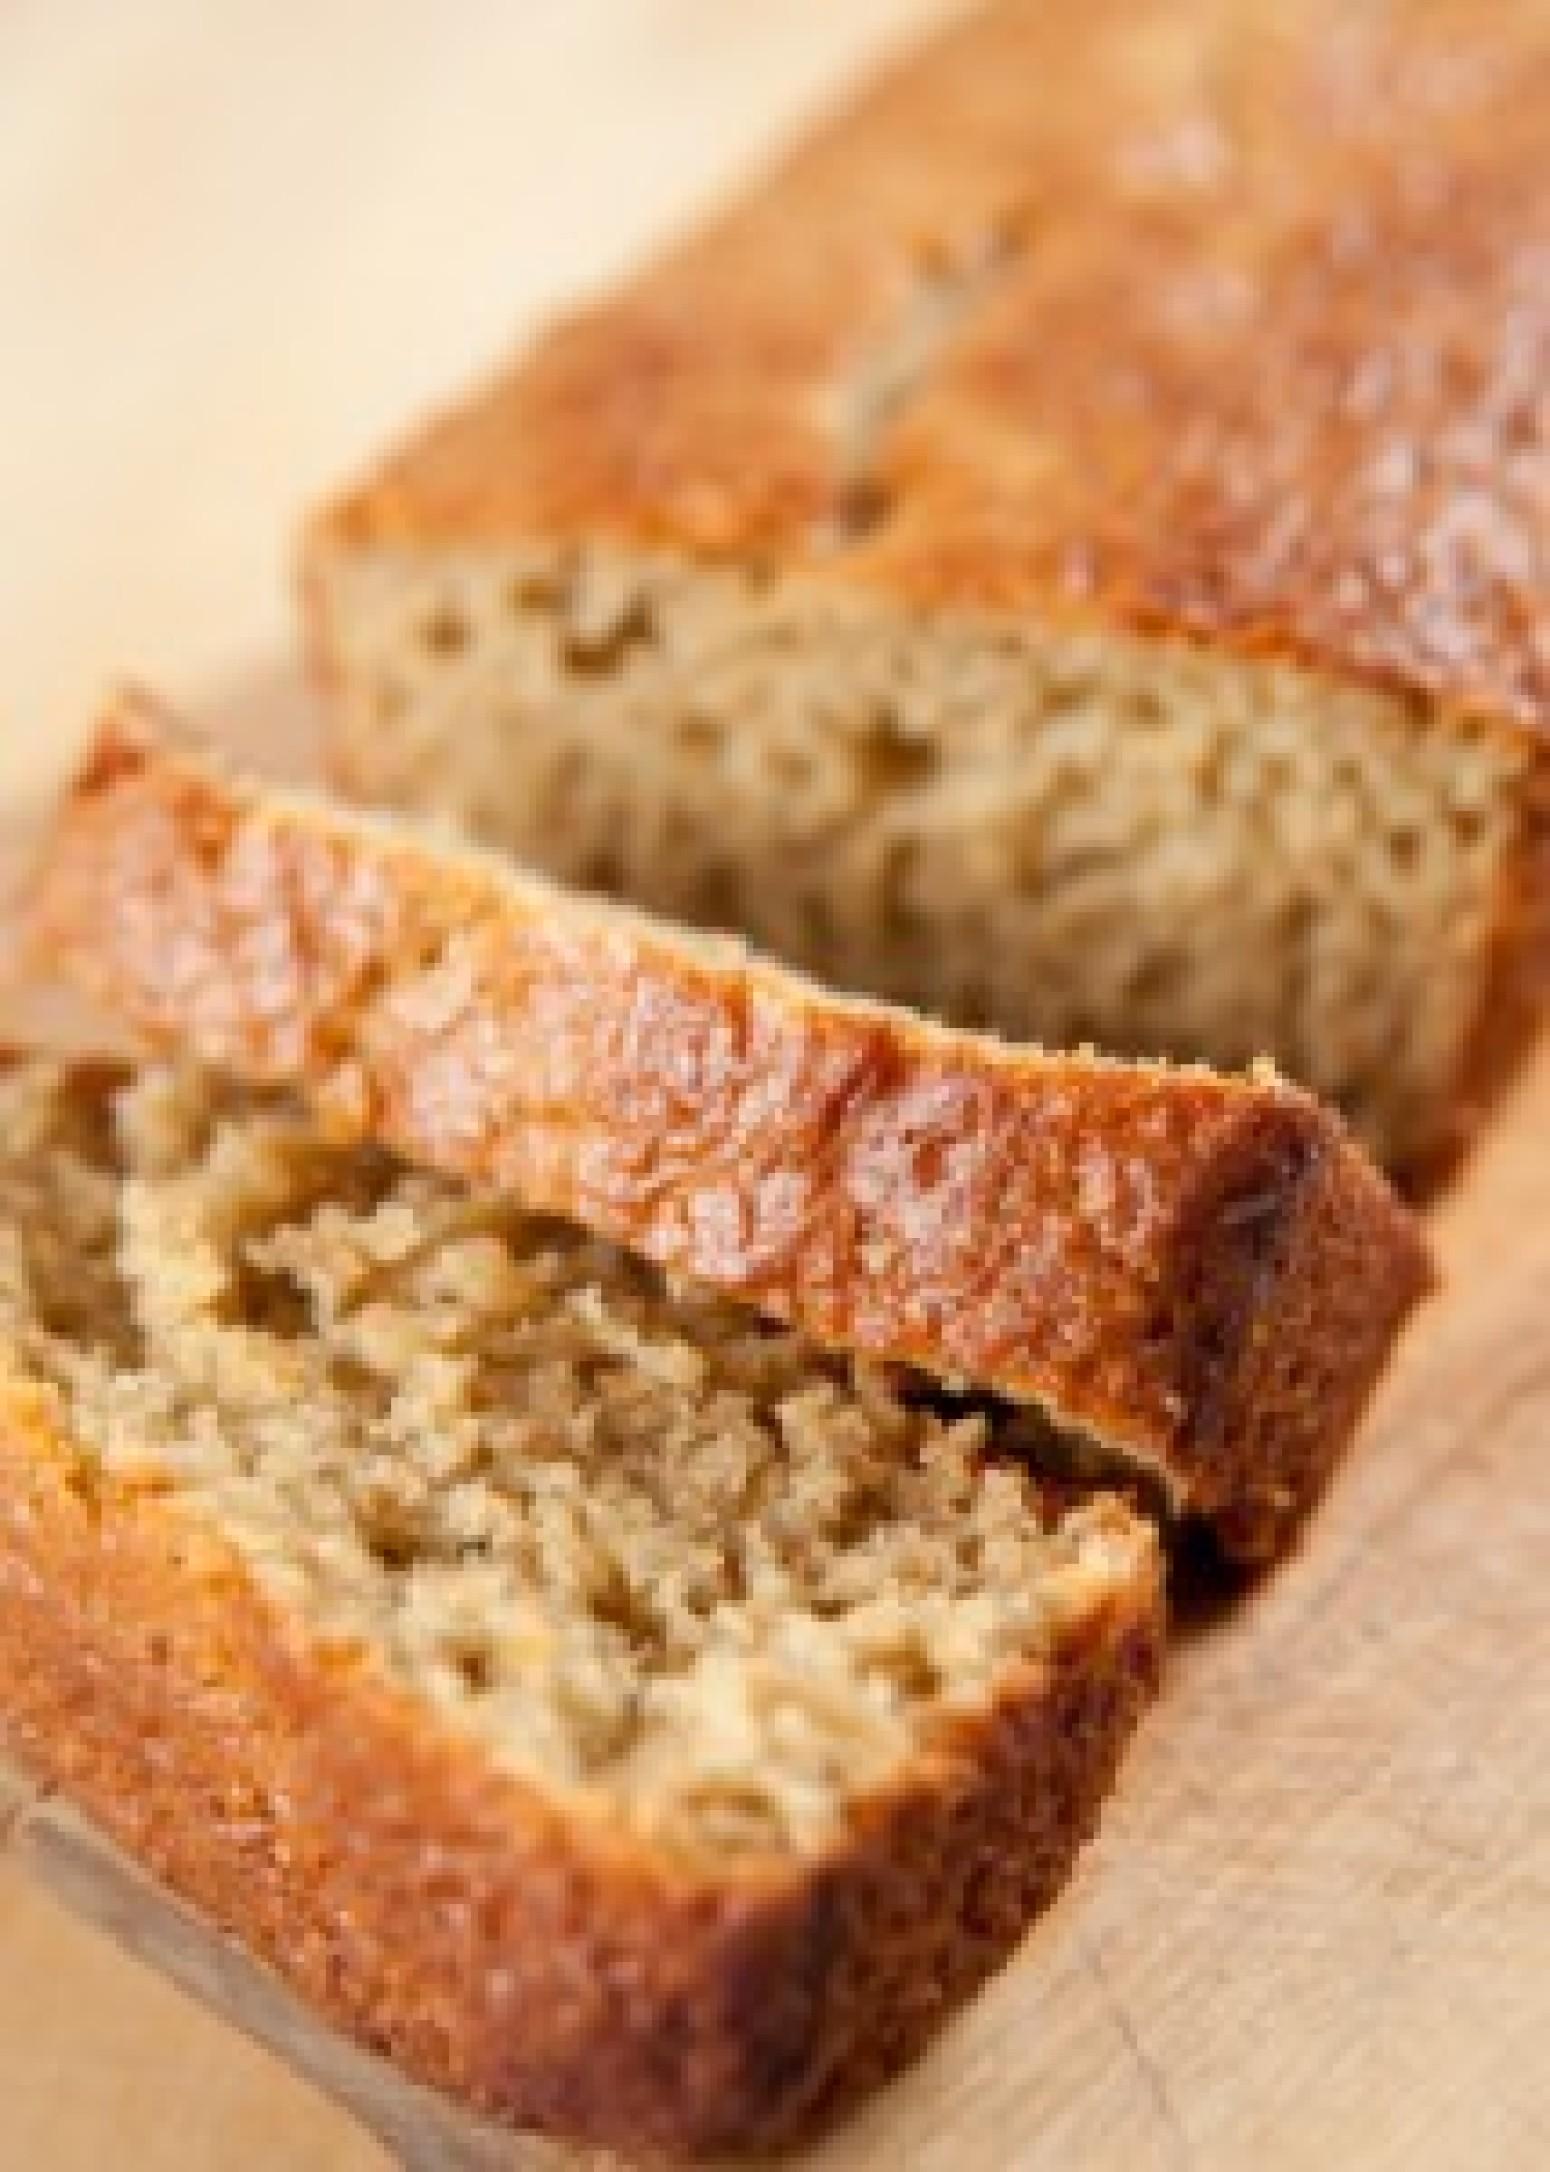 Easy Homemade Banana Bread Recipe | Just A Pinch Recipes